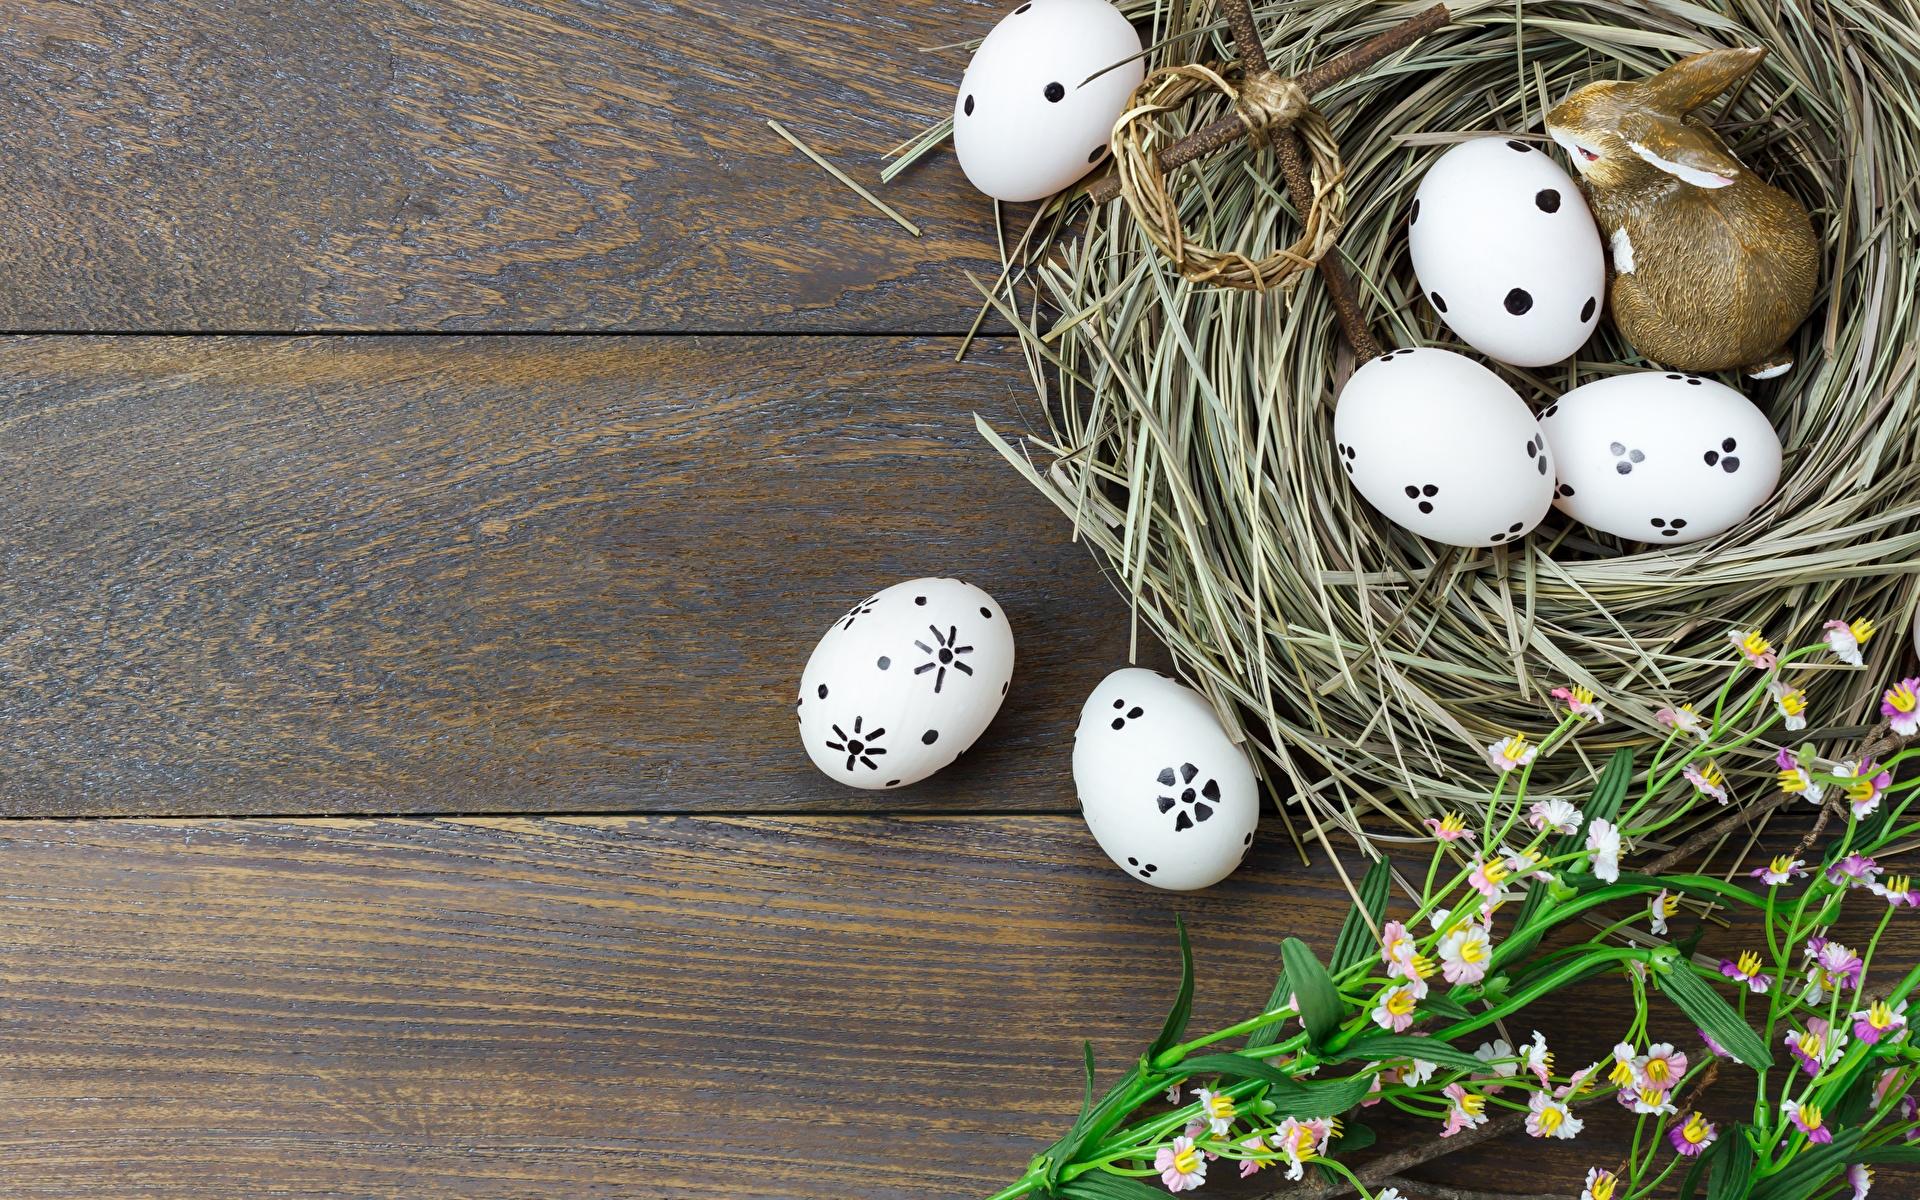 Фото Пасха Яйца Гнездо Шаблон поздравительной открытки Доски 1920x1200 яиц яйцо яйцами гнезда гнезде